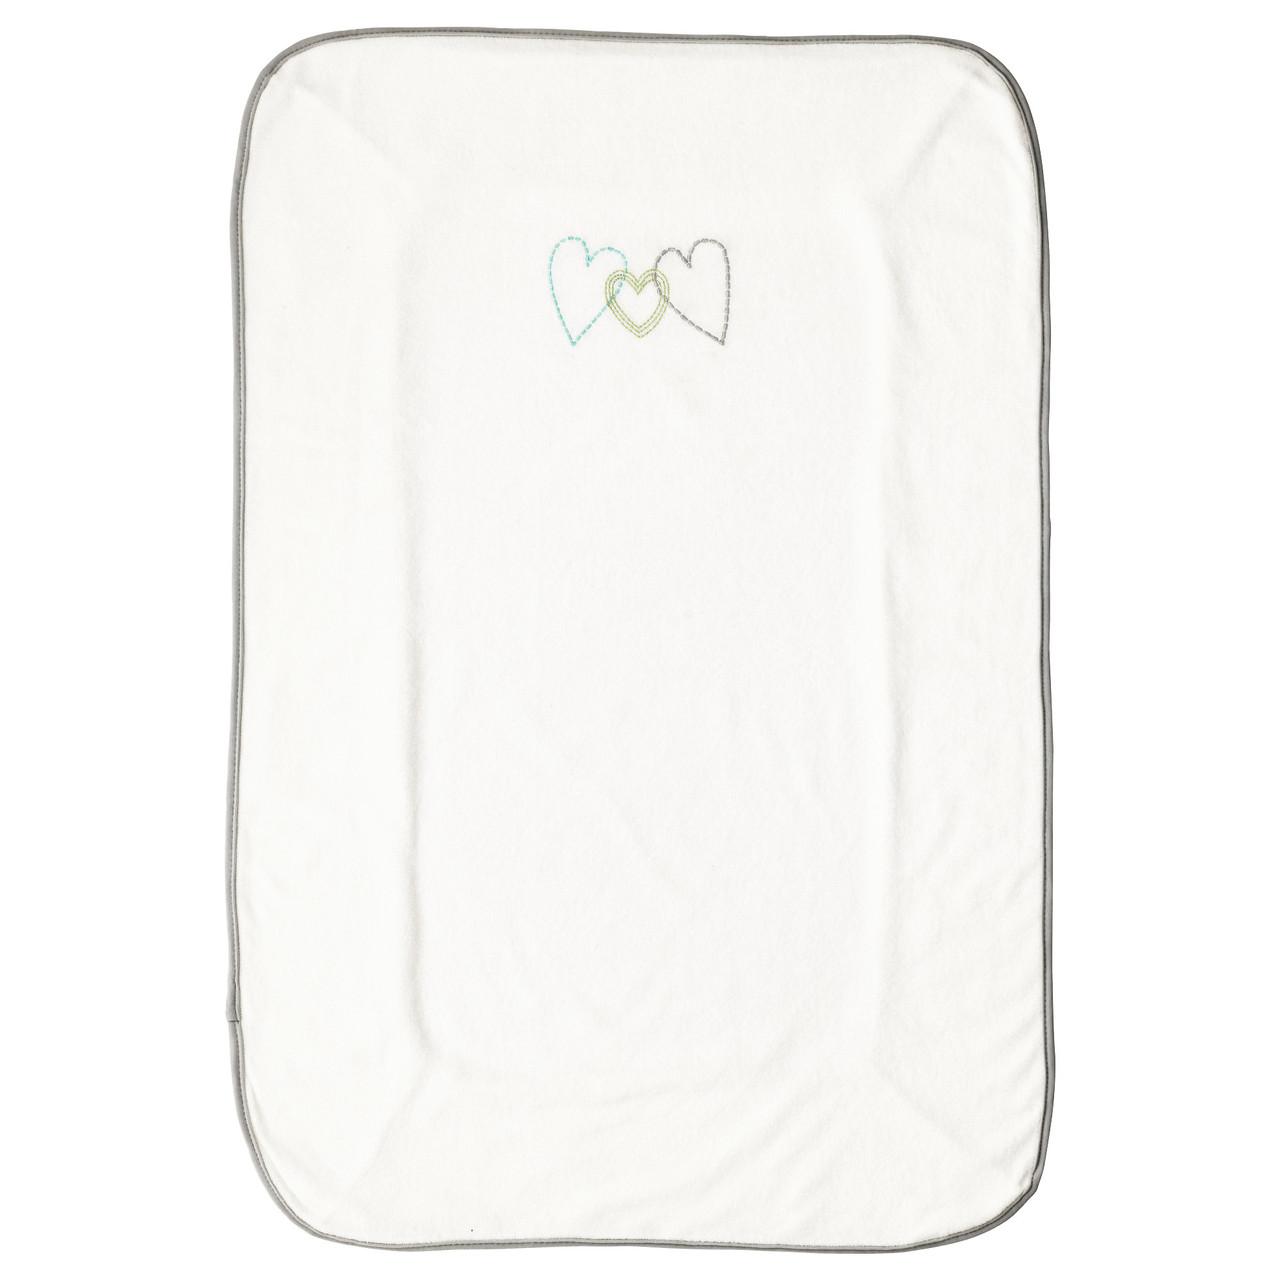 СКЁТСАМ Чехол для пеленальной подстилки, белый, серый, 55x83 см 00360479 IKEA, ИКЕА, SKÖTSAM